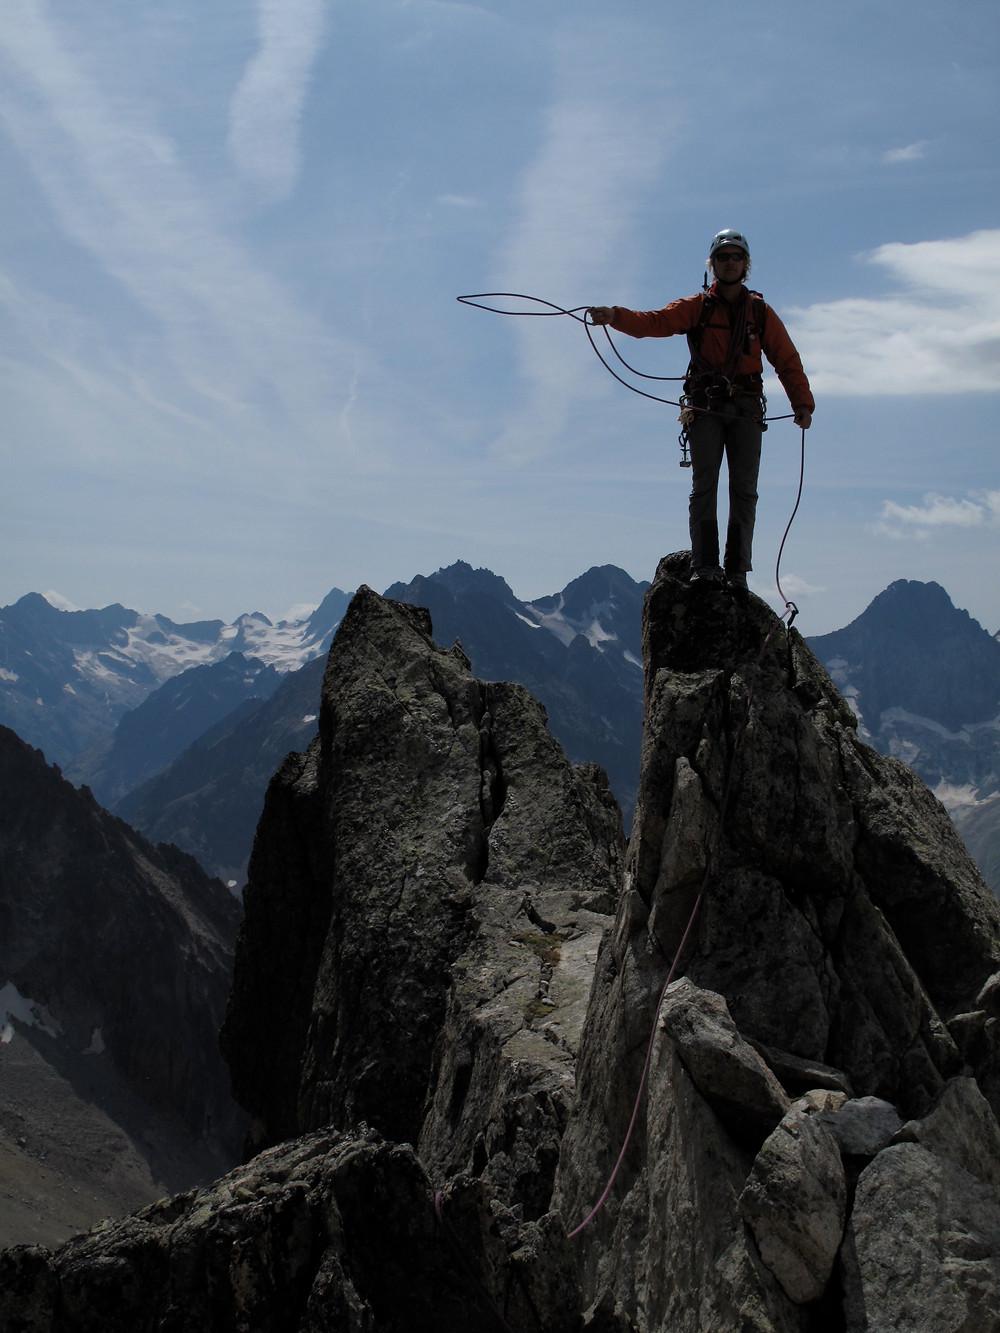 Climber on peak, Aiguilles Rouges